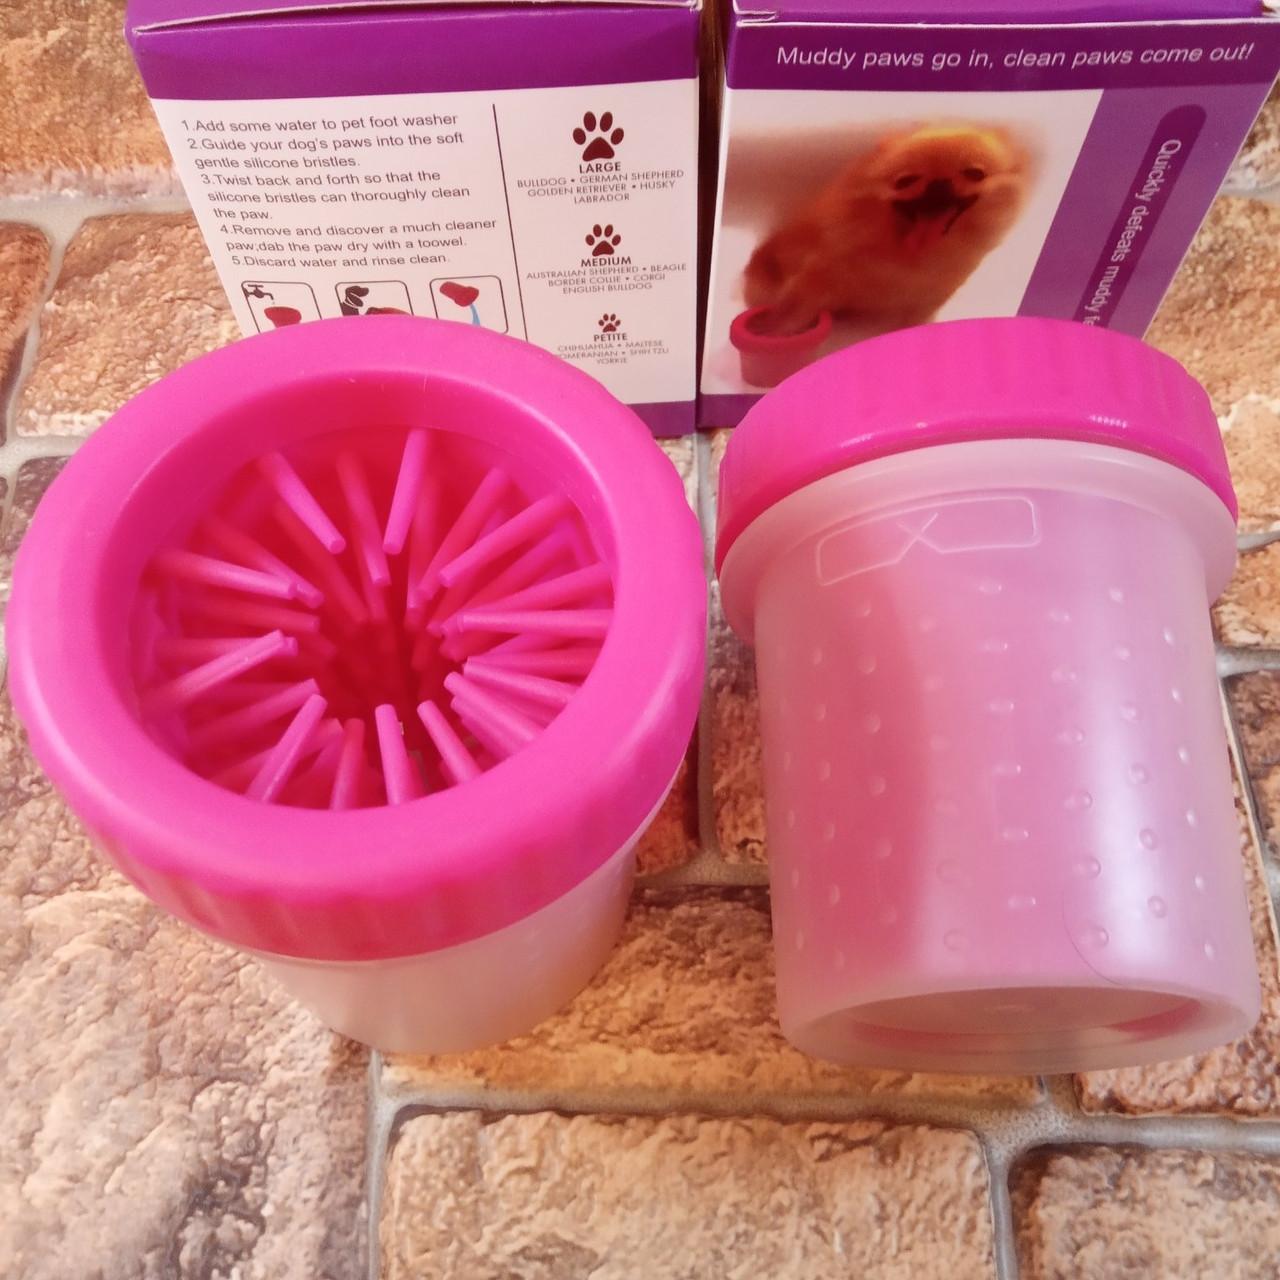 Стакан для мытья лап, лапомойка для собак Soft pet foot cleaner Pink (Для маленьких собак) Розовый